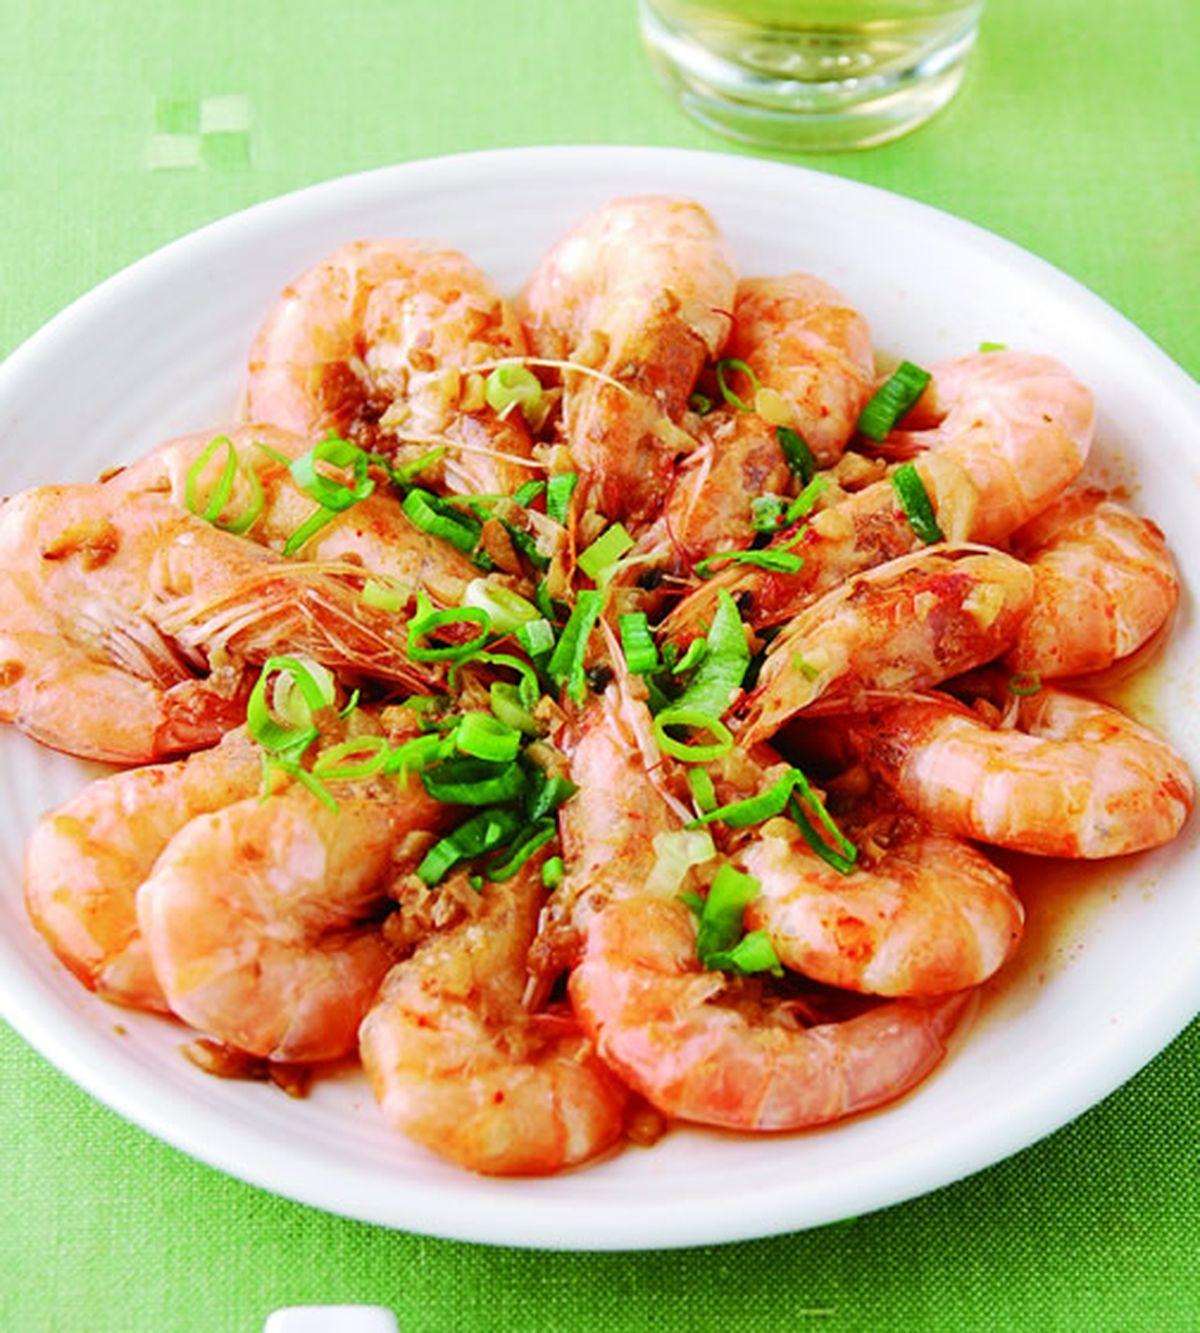 食譜:蒜茸蒸蝦